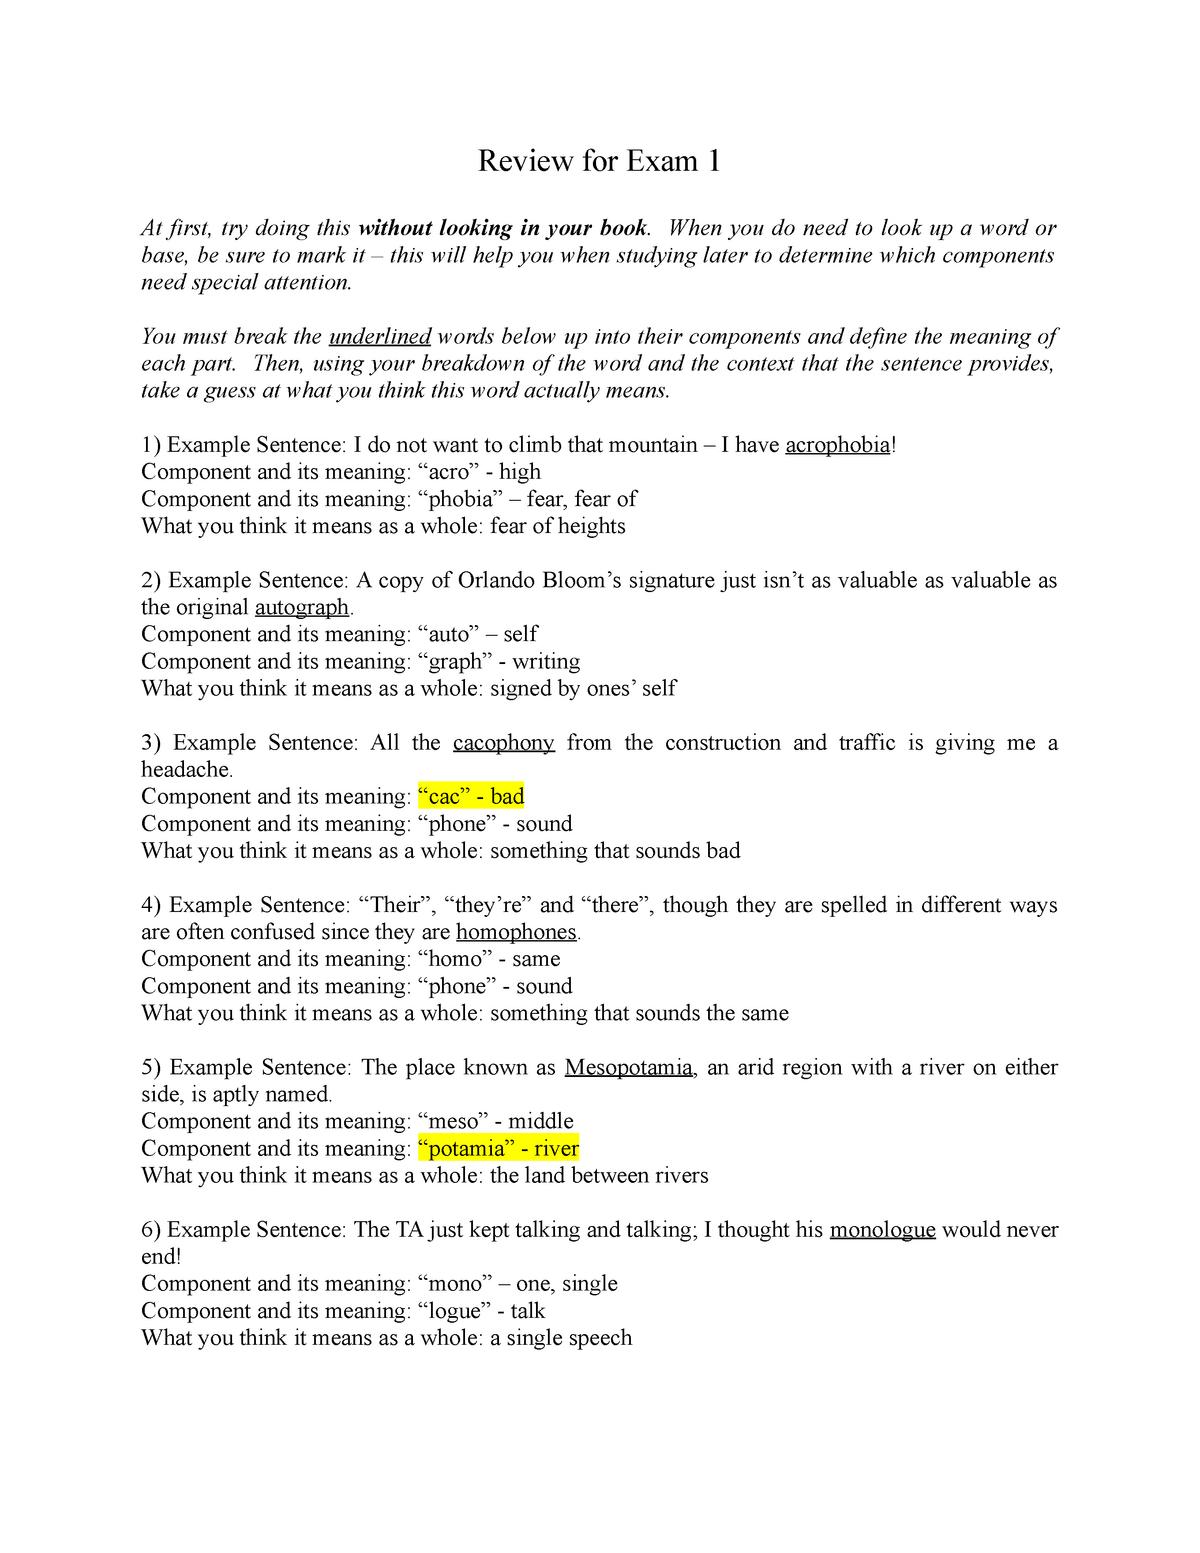 CLAS 101 - Exam 1 Review - CLAS101 - StuDocu